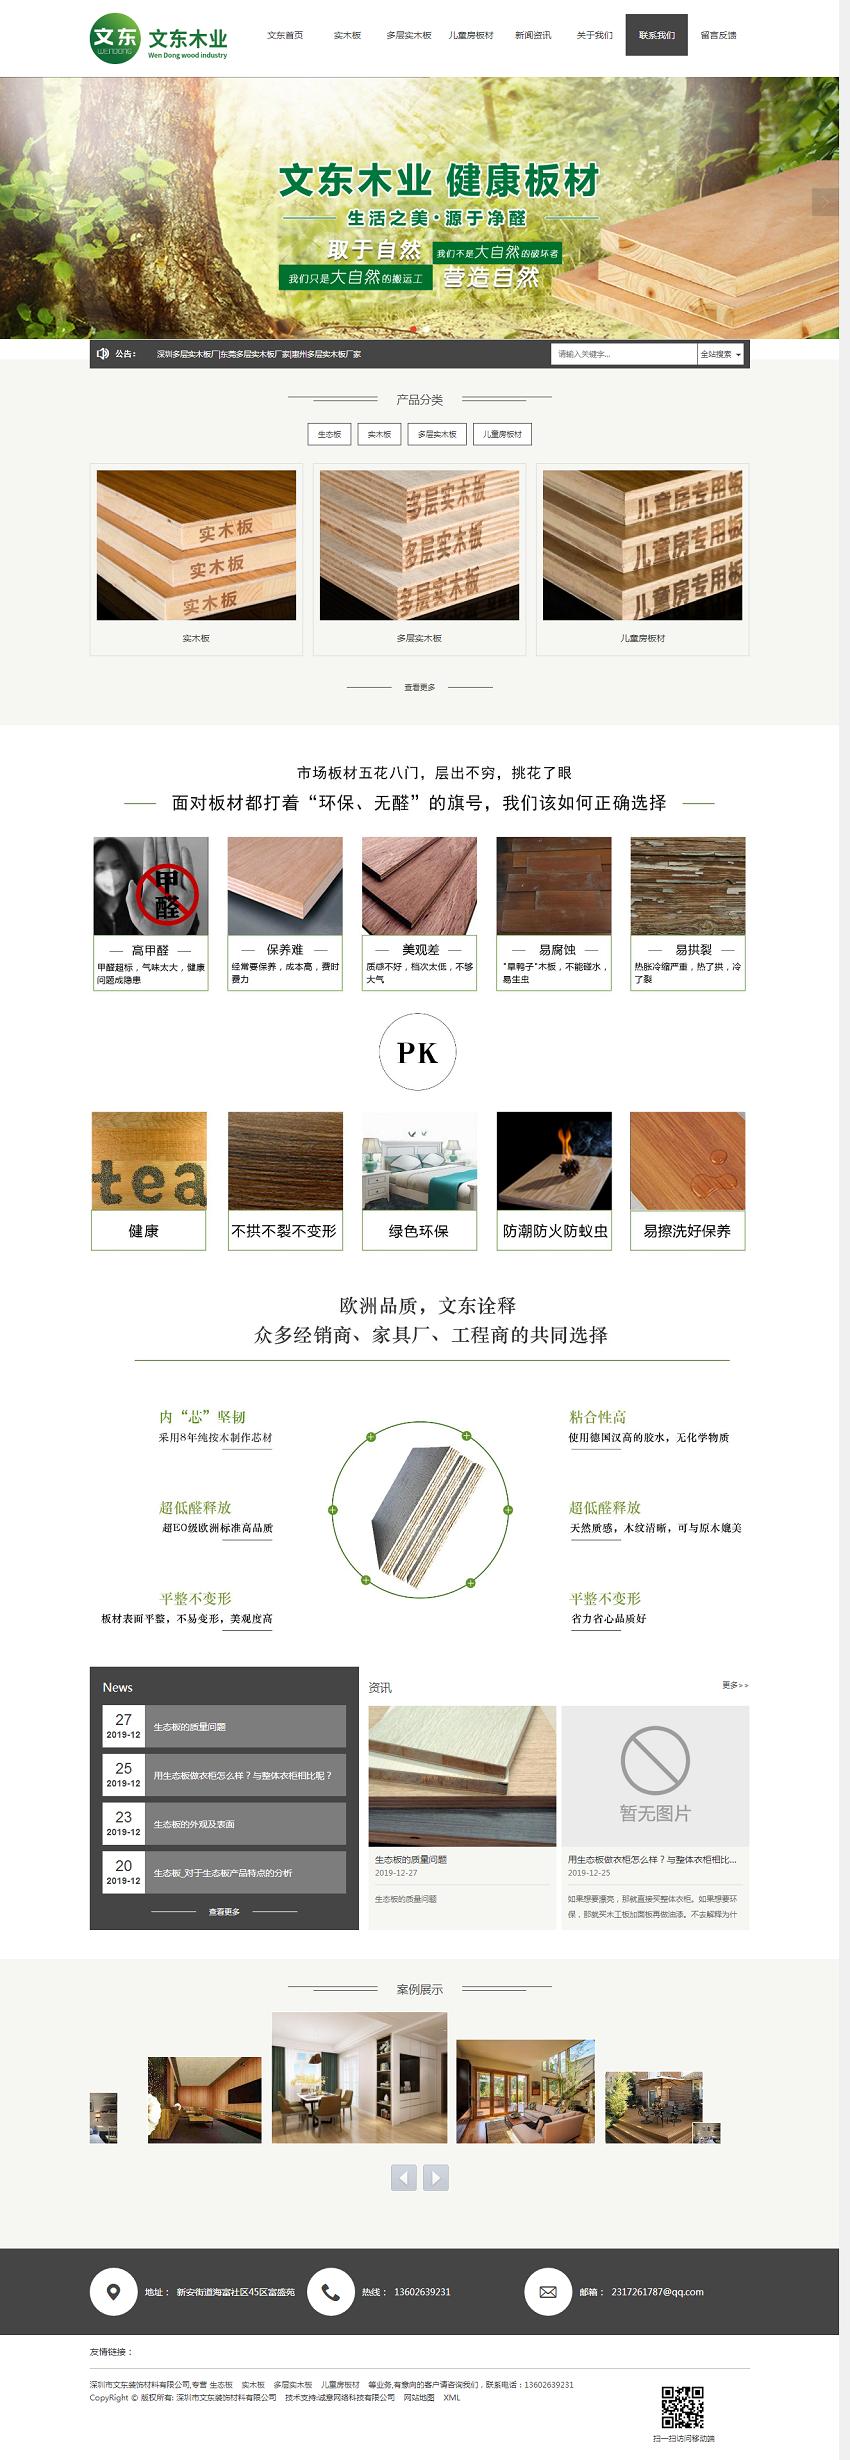 木业板材网站建设